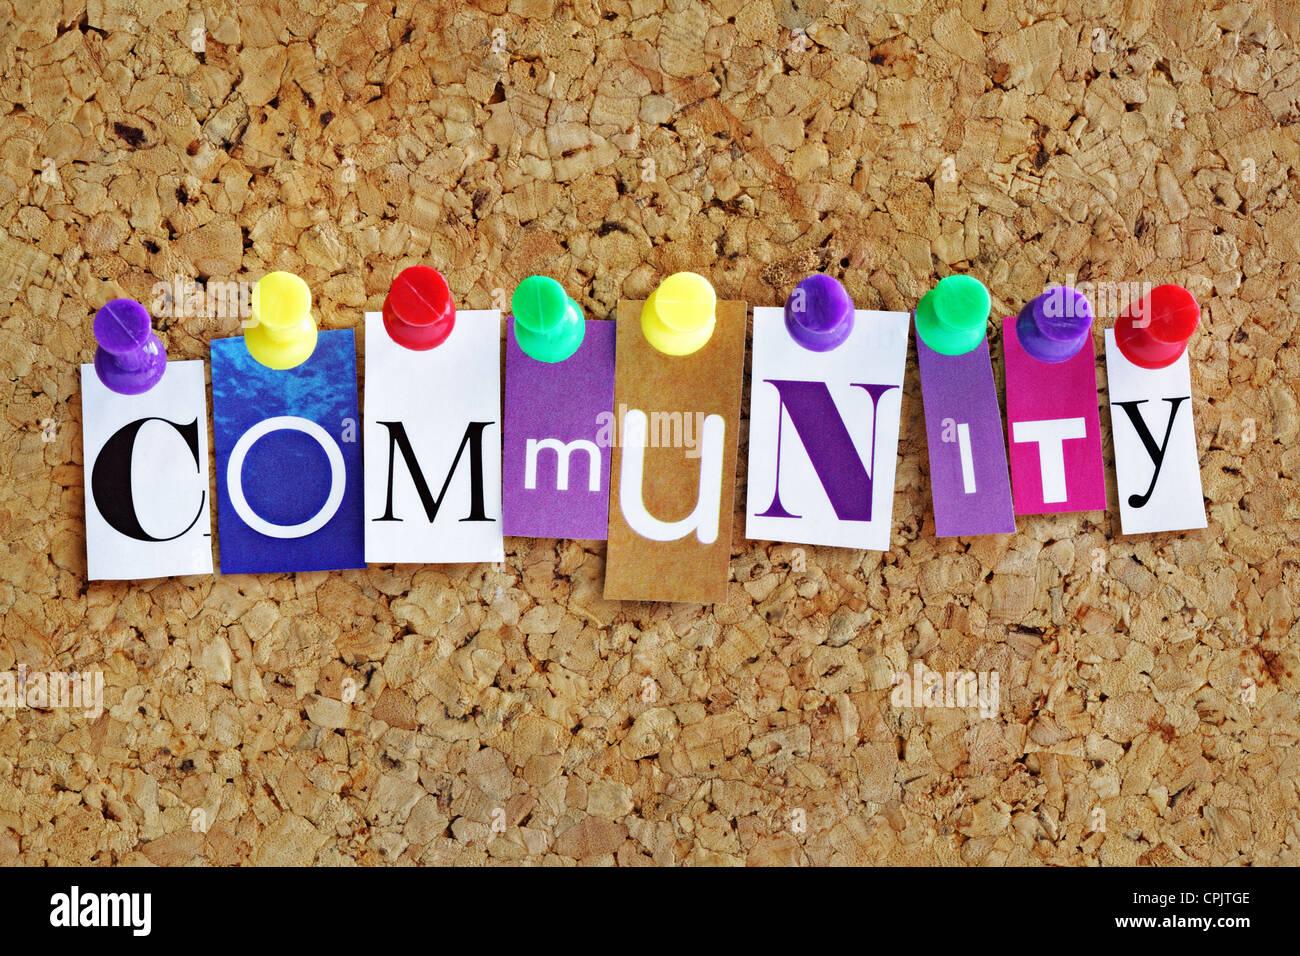 Gemeinschaft Stockbild